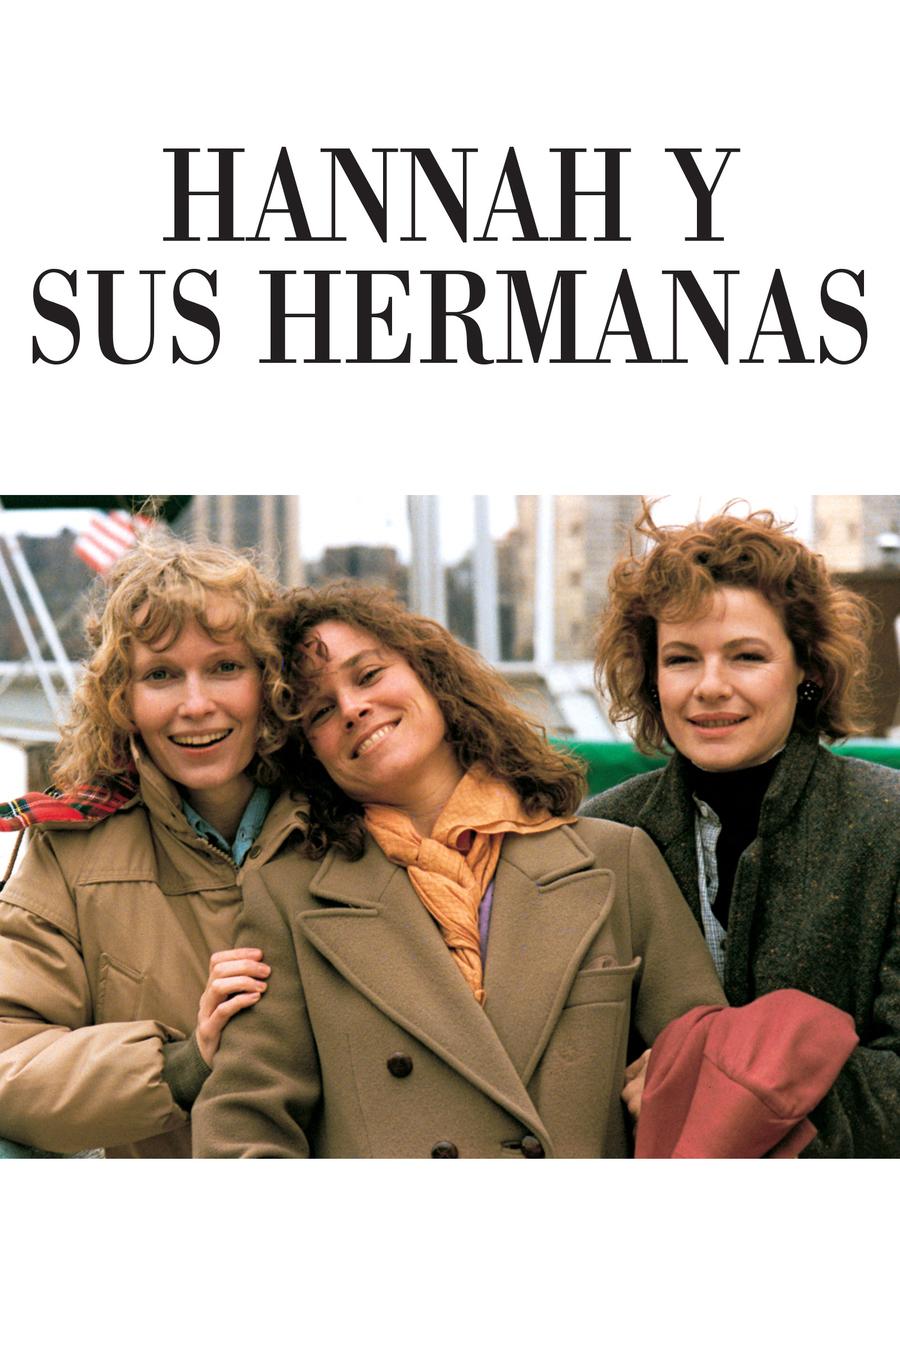 La Hannah i les seves germanes